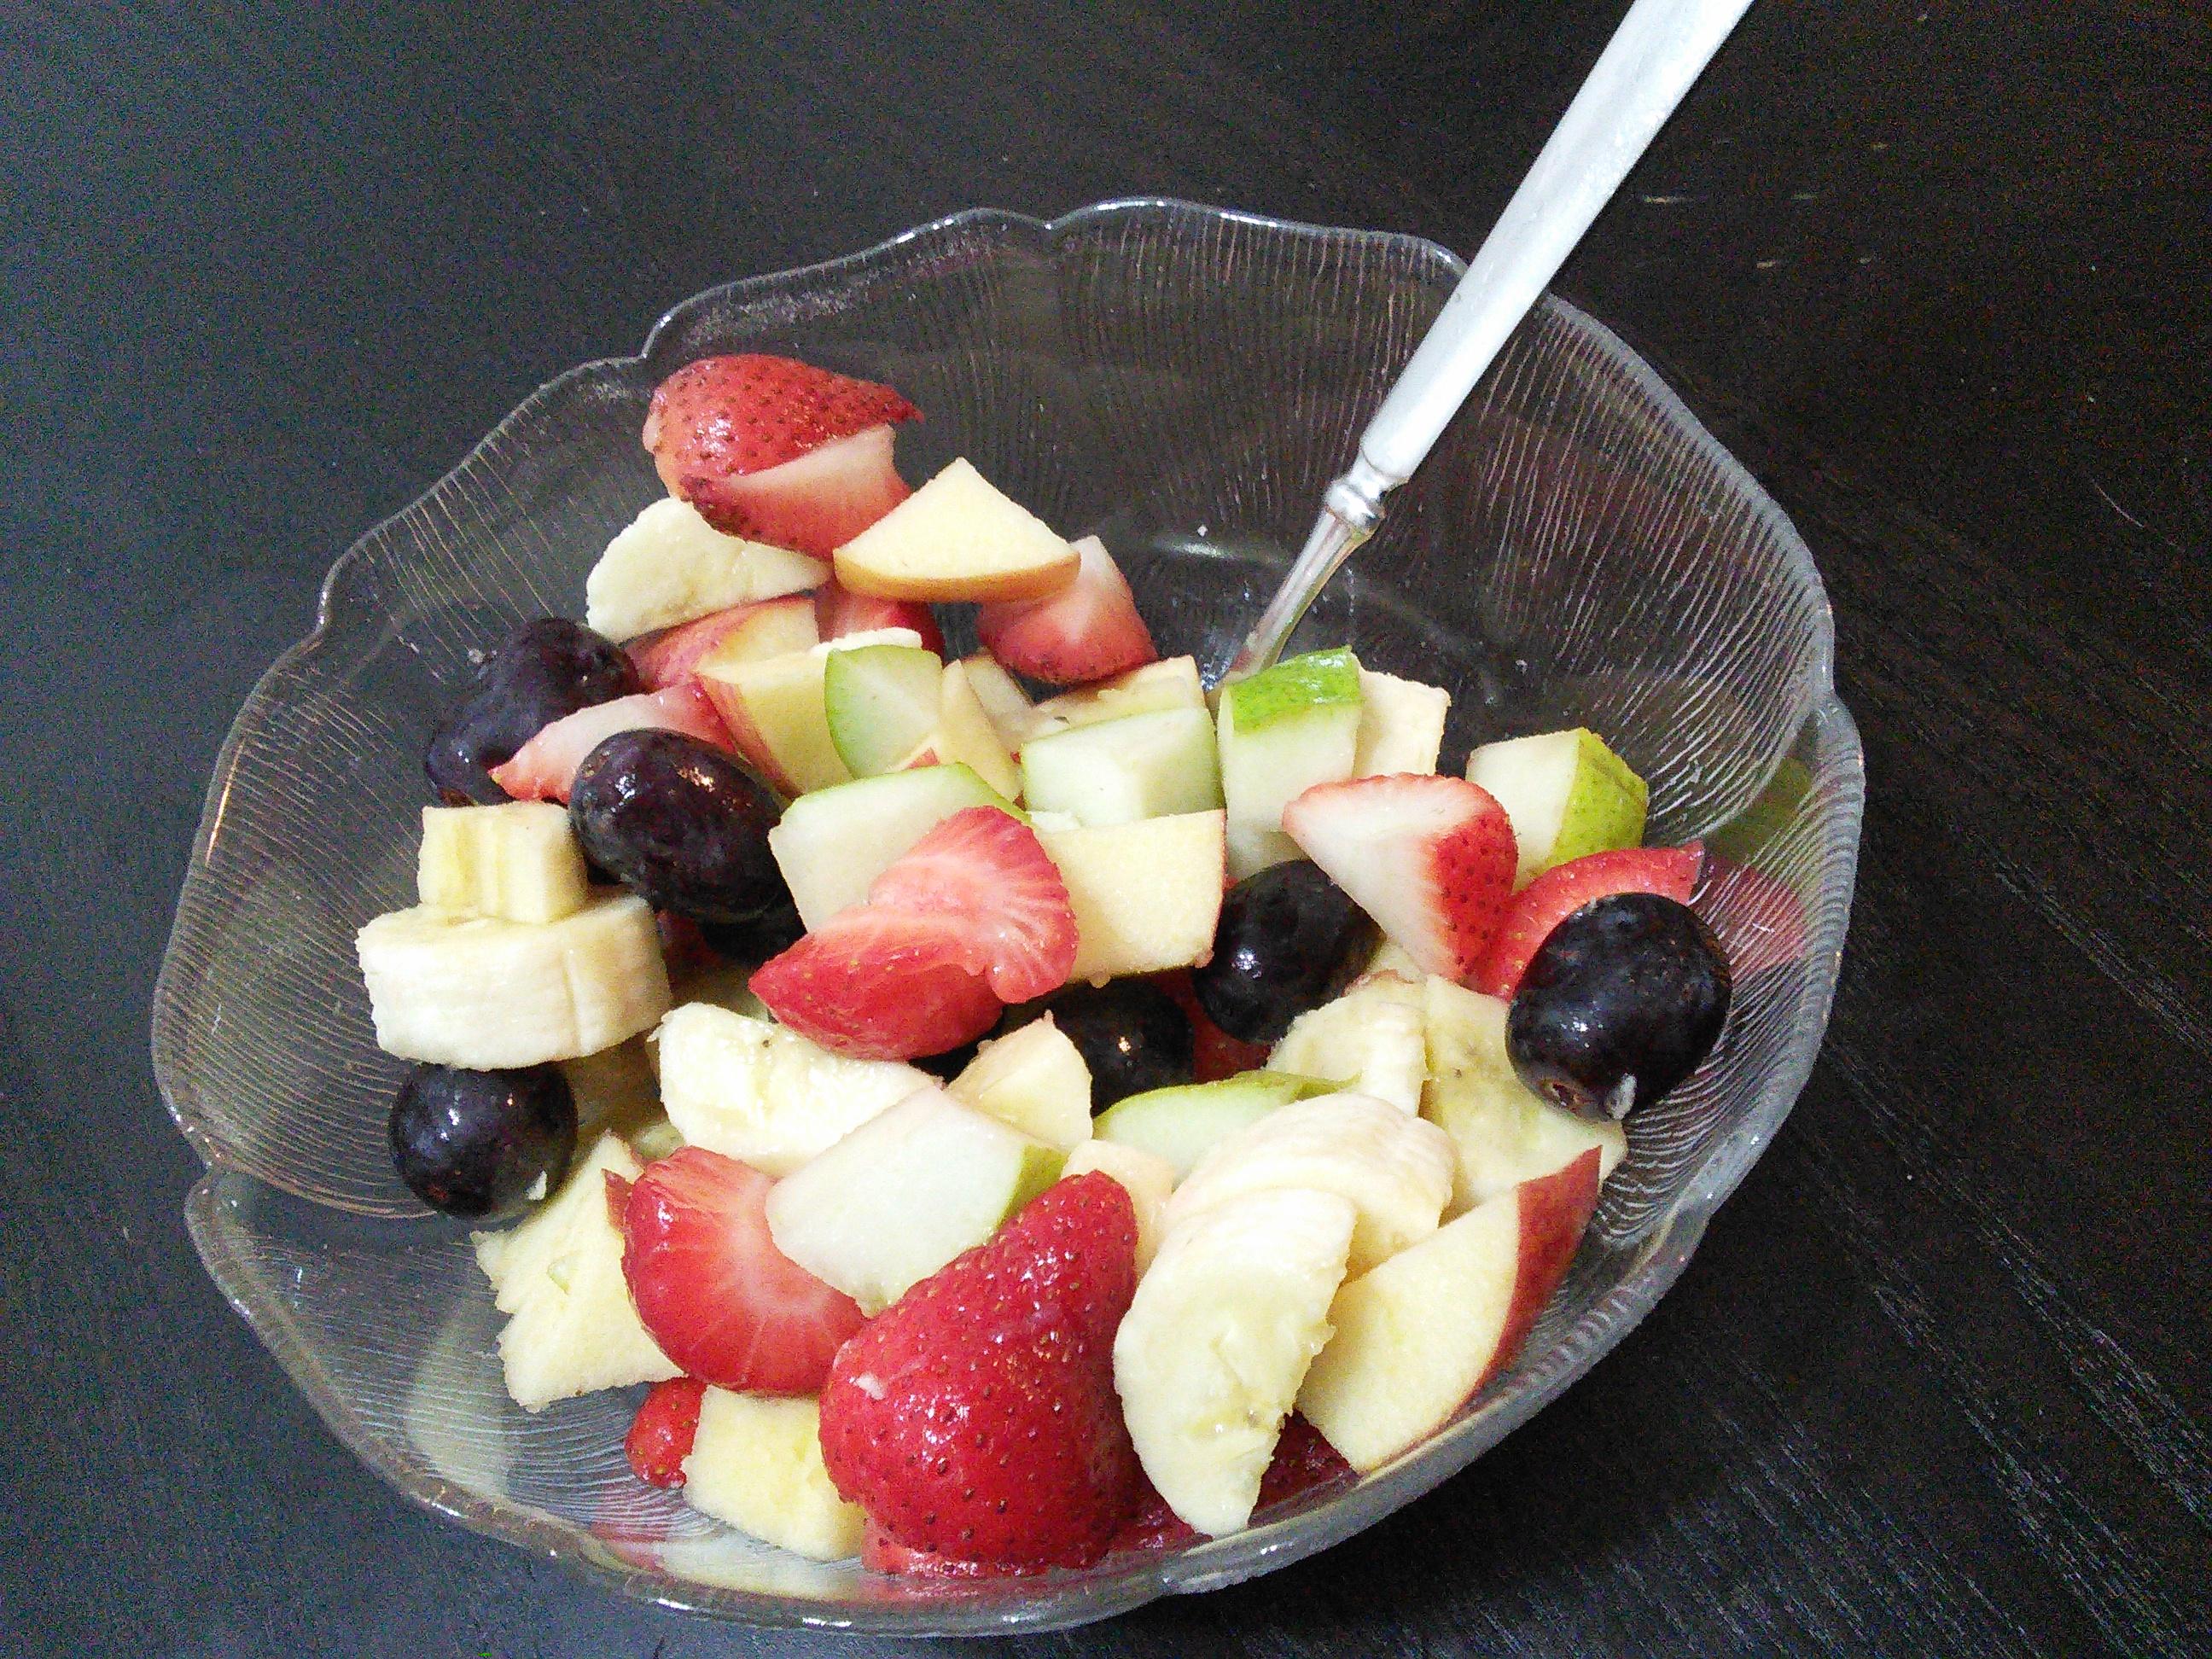 https://foodloader.net/kug_2014-05-10_Fruity_Breakfast.jpg